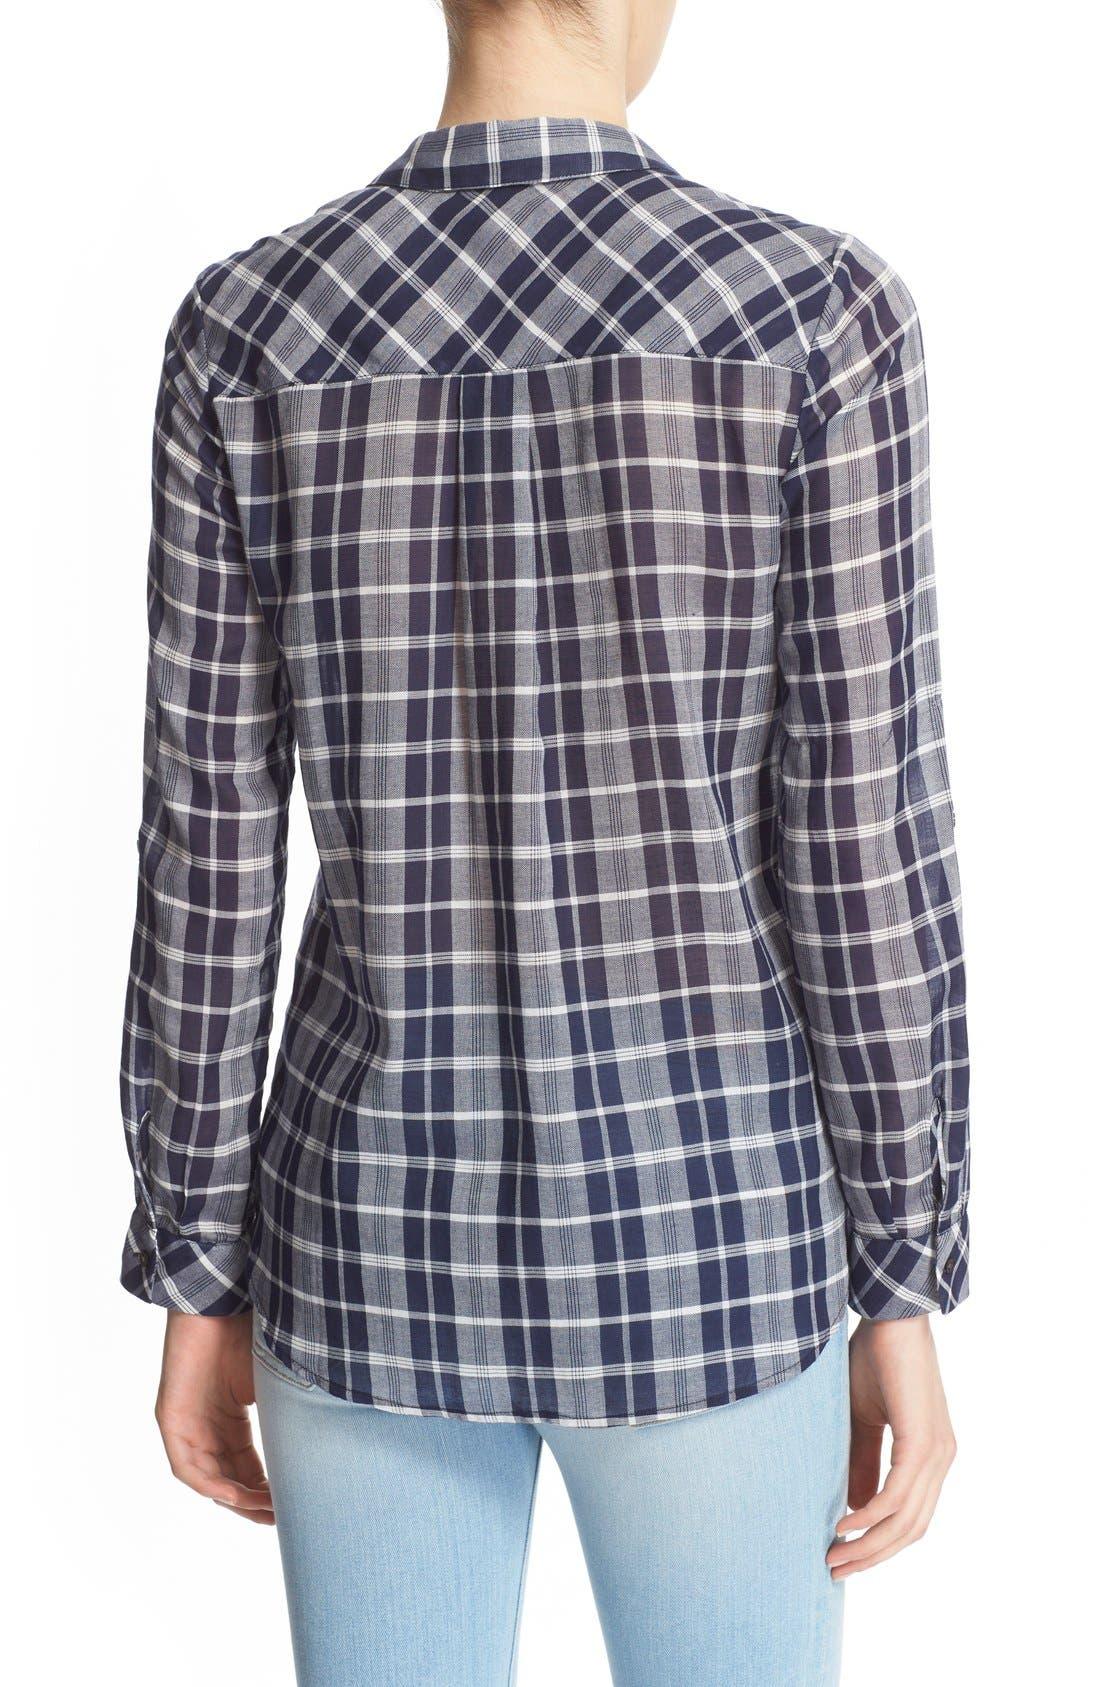 Alternate Image 2  - Soft Joie 'Daesha' Plaid Shirt